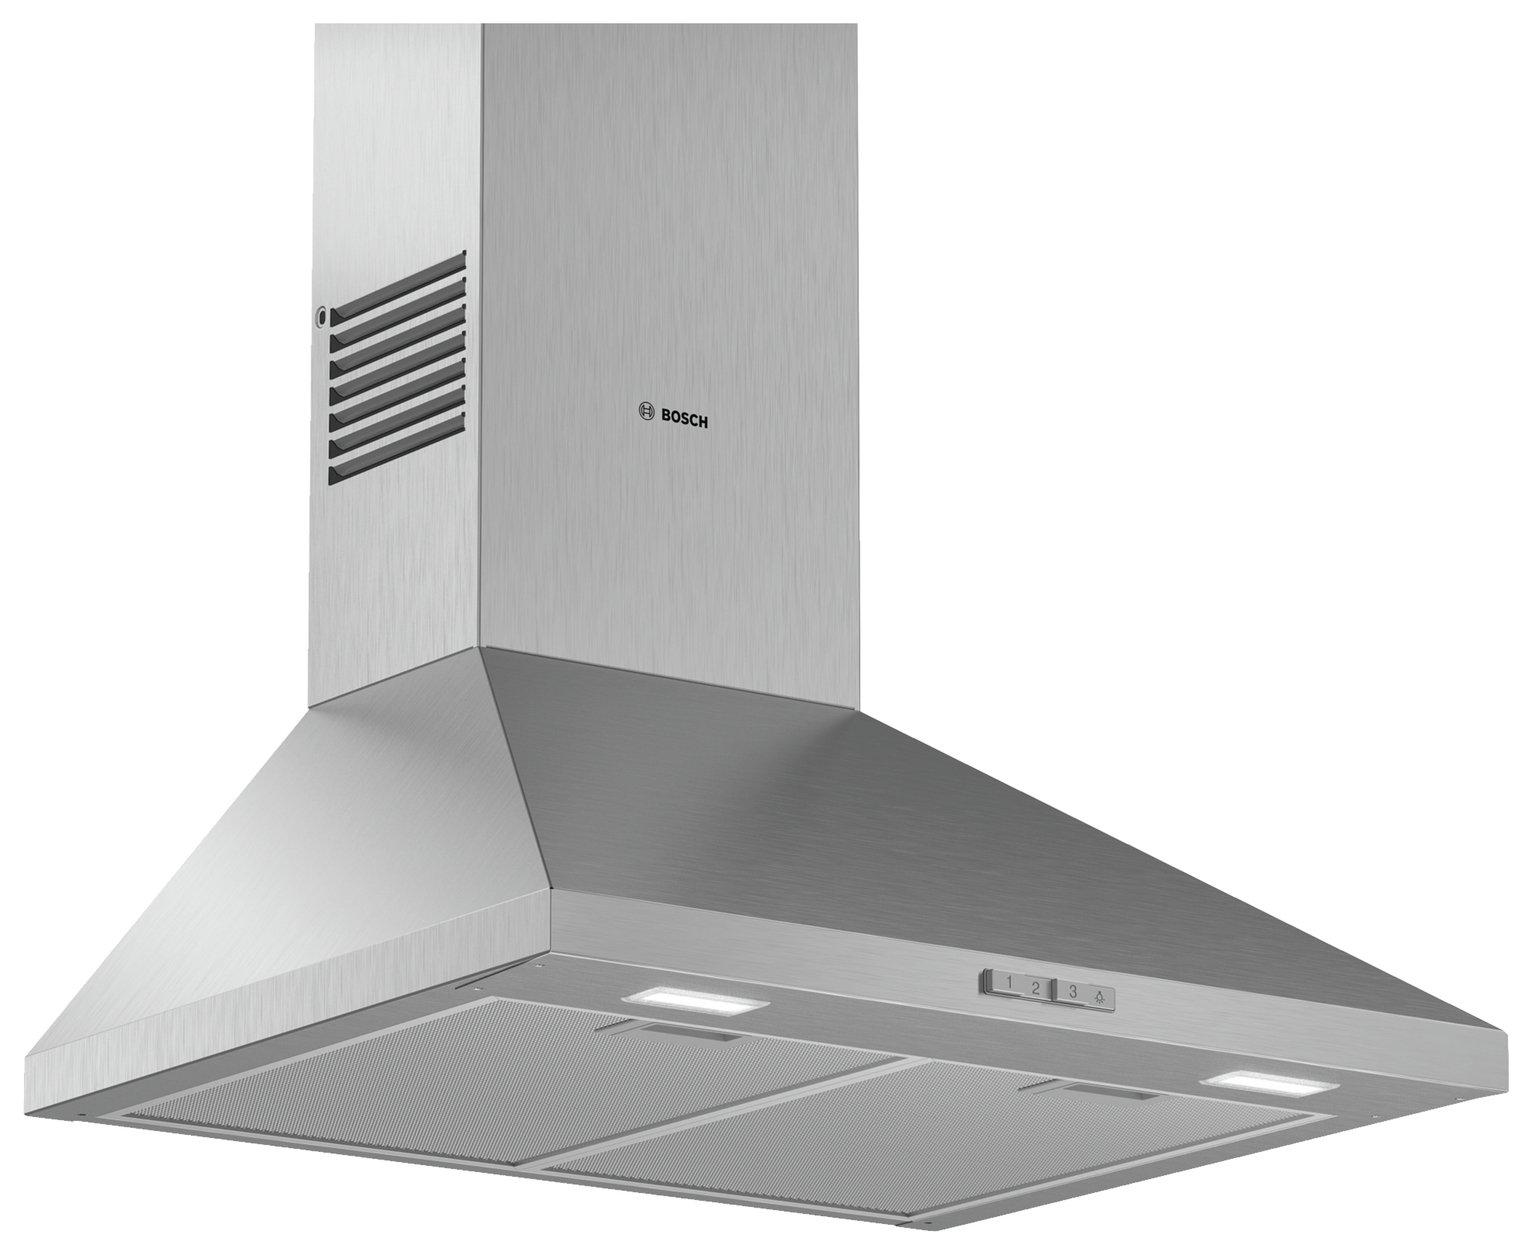 Bosch DWP64BC50B 60cm Cooker Hood review